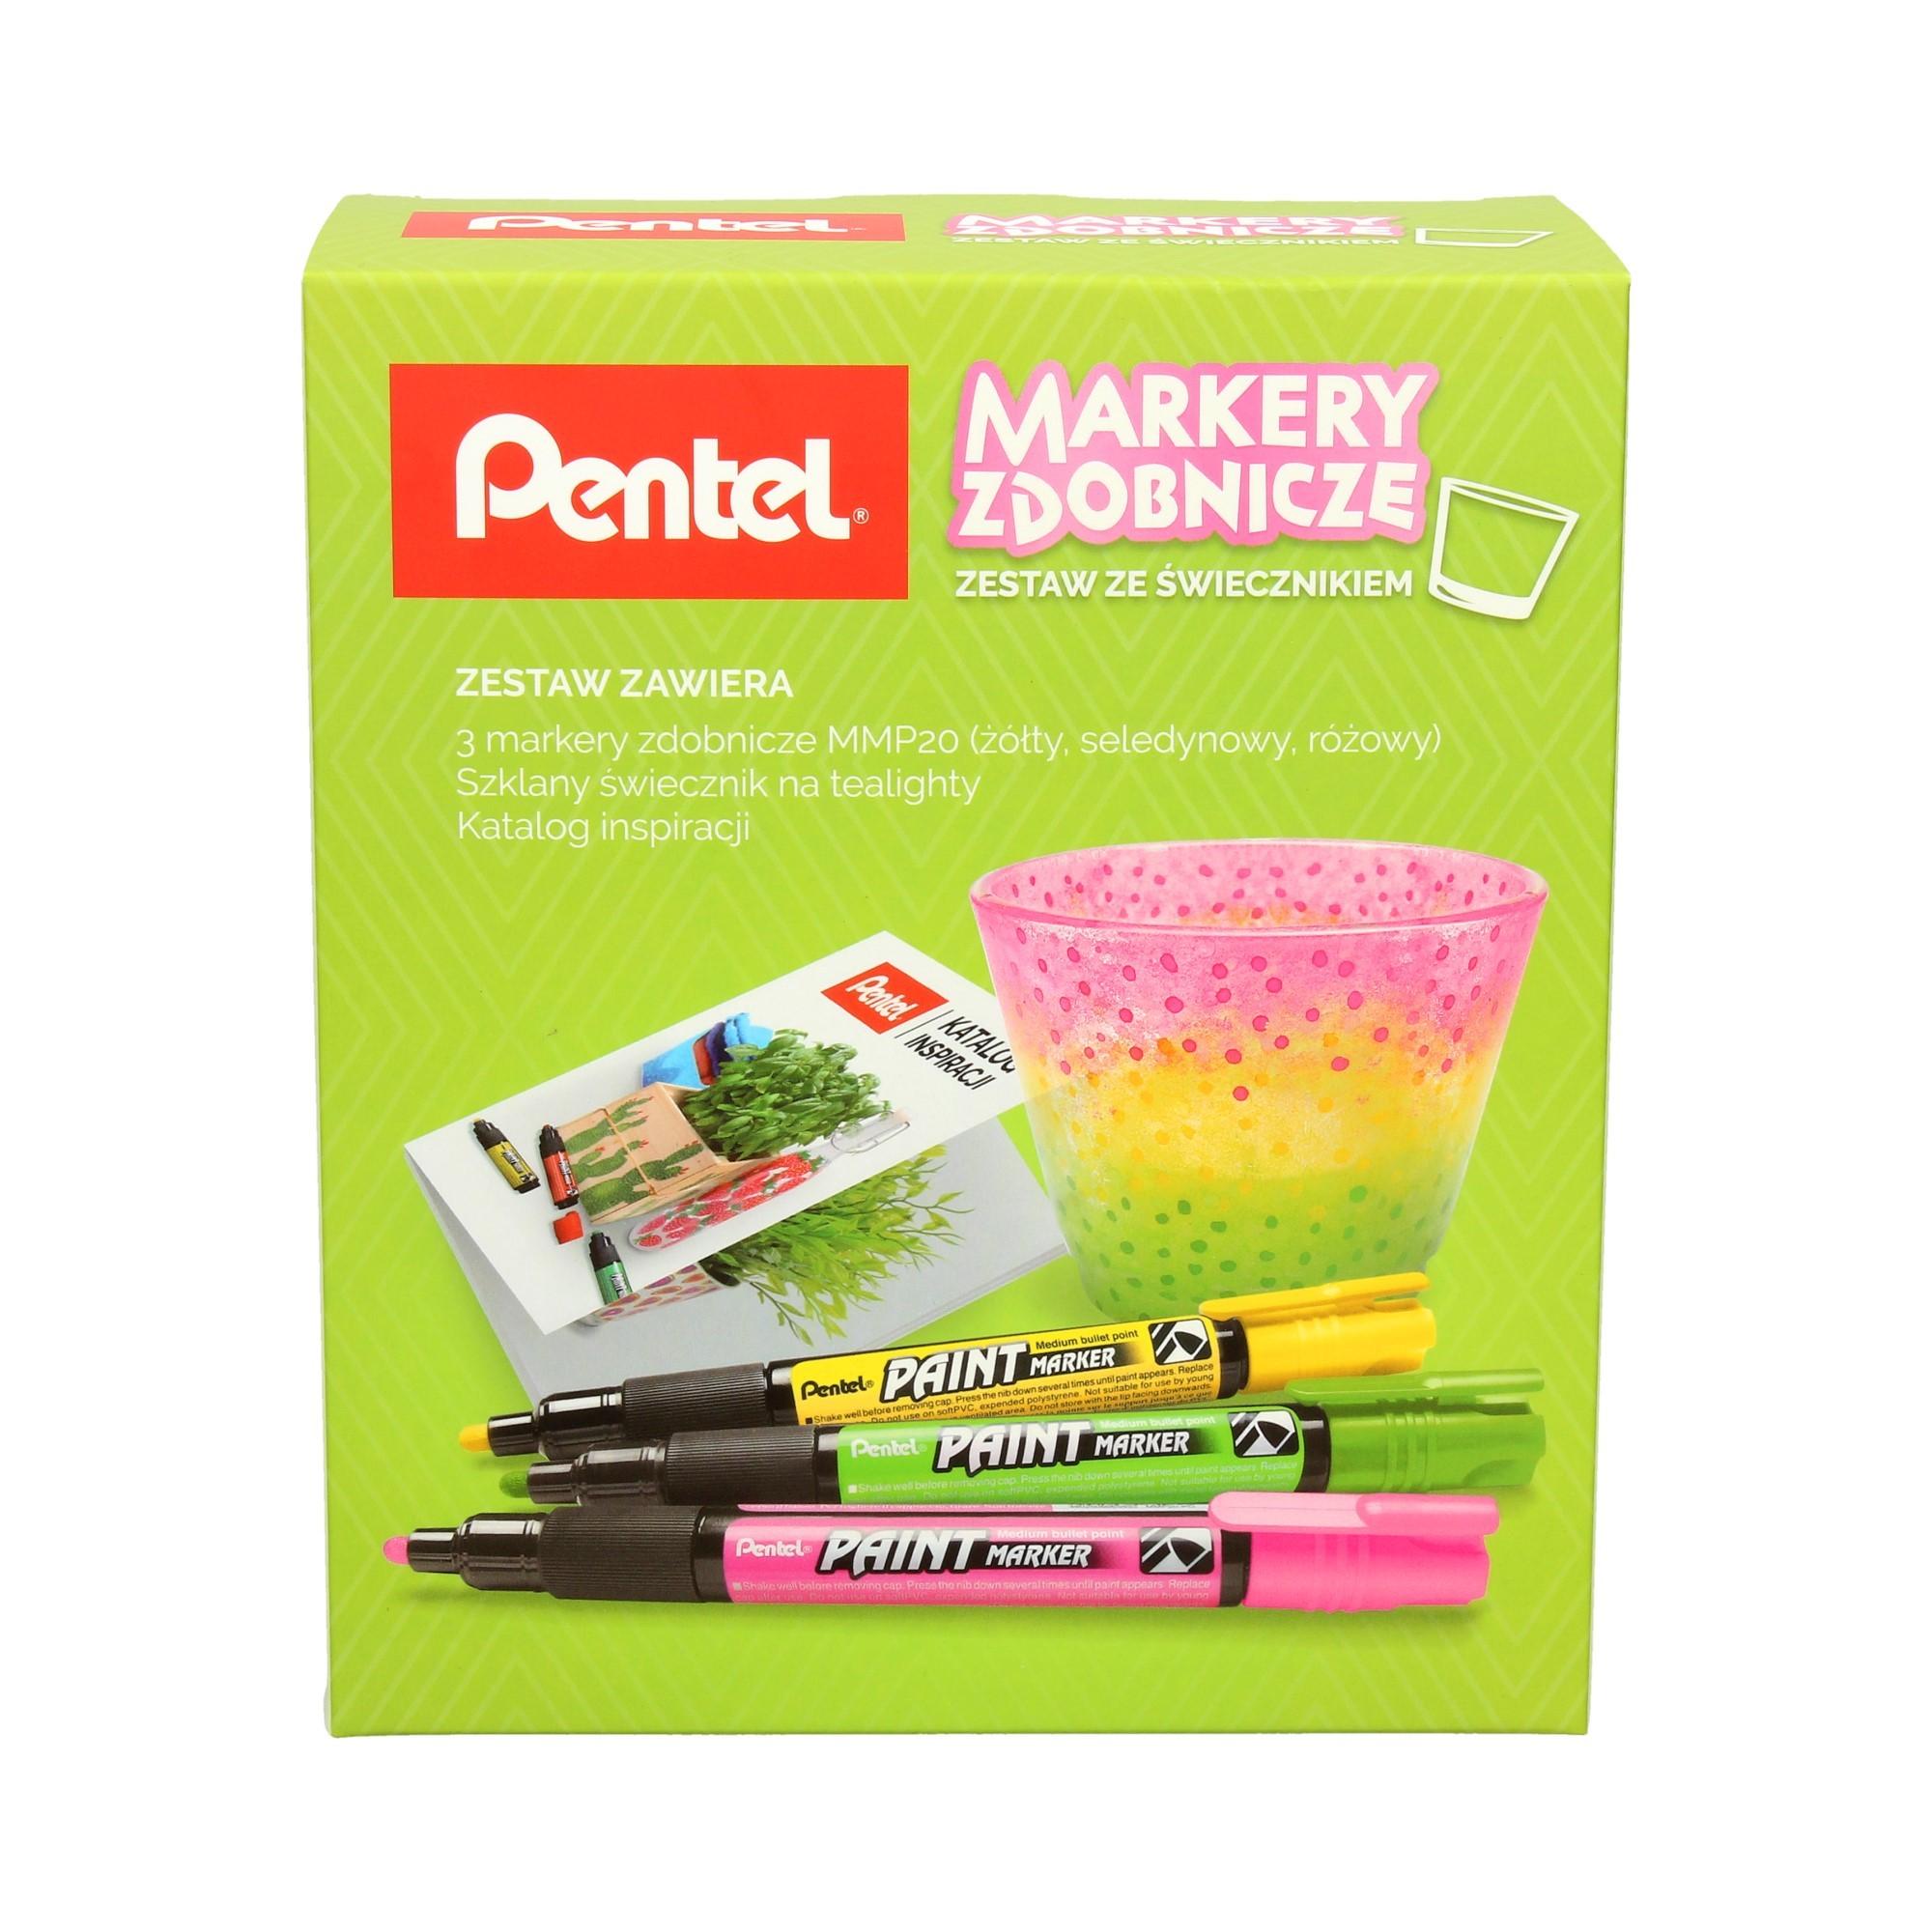 Zestaw markerów zdobniczych - żółty/zielony/różowy + świecznik